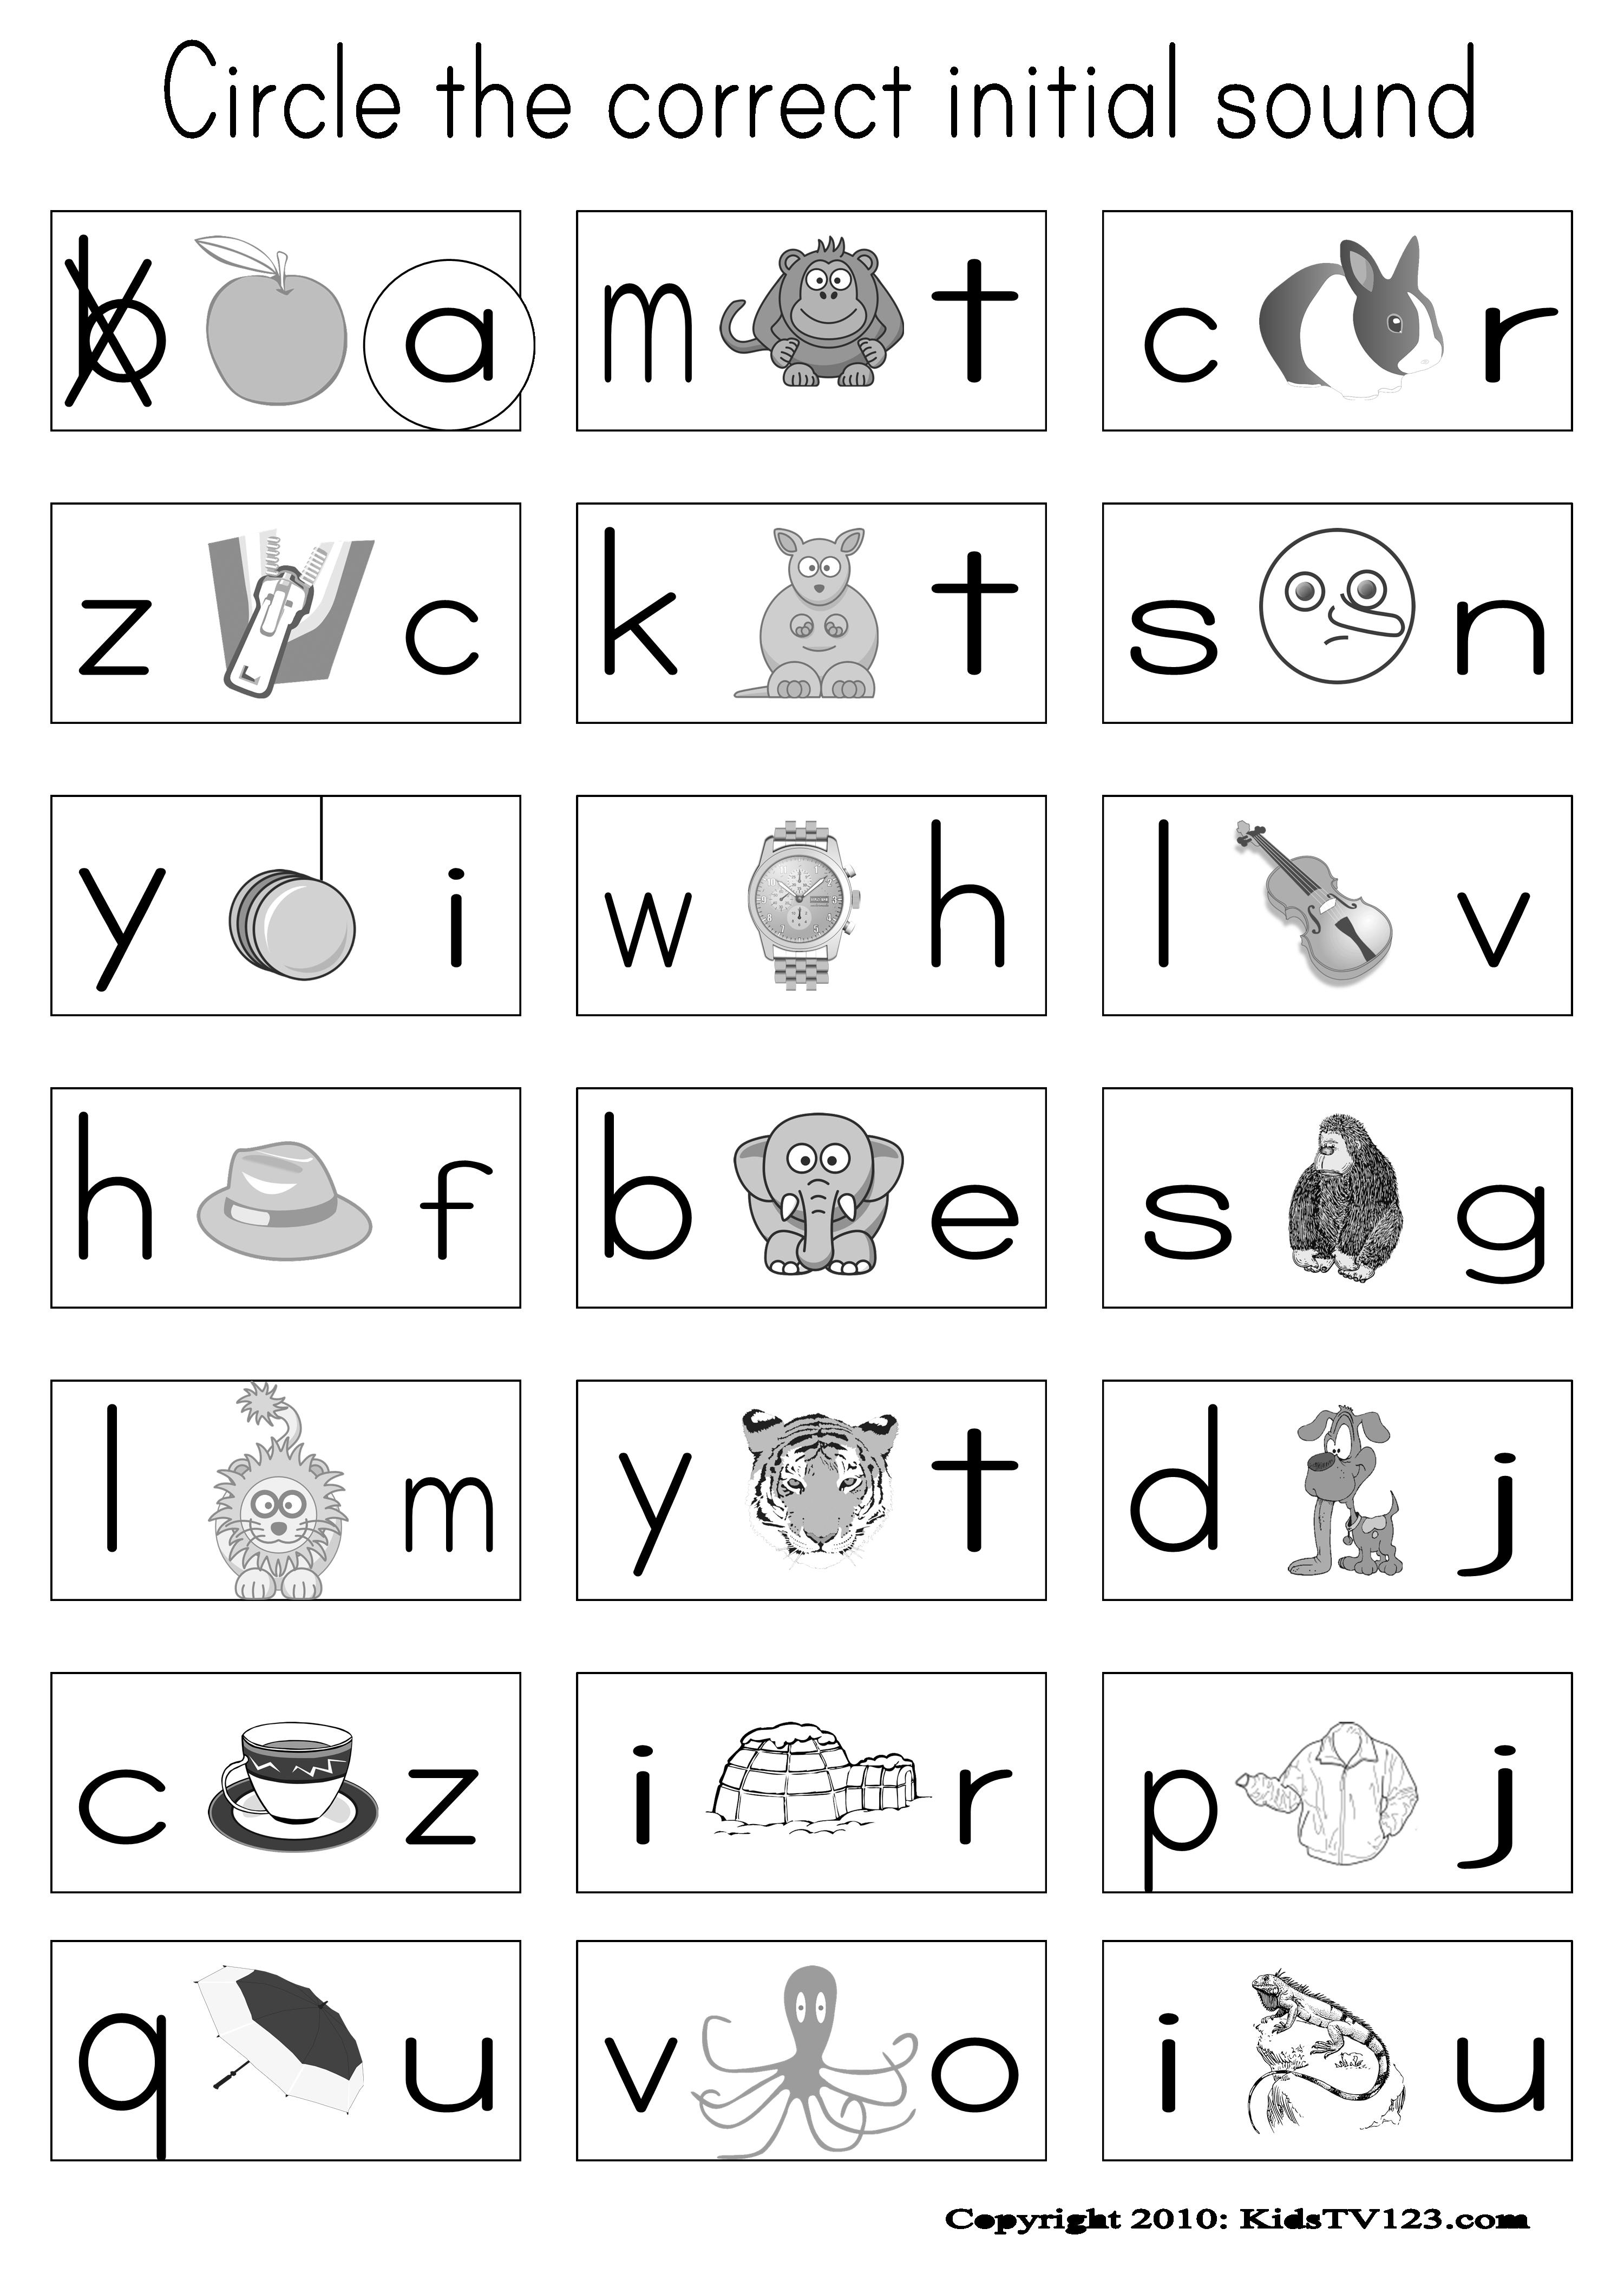 Free Printable Preschool Worksheets Kg1 On And Under 483183